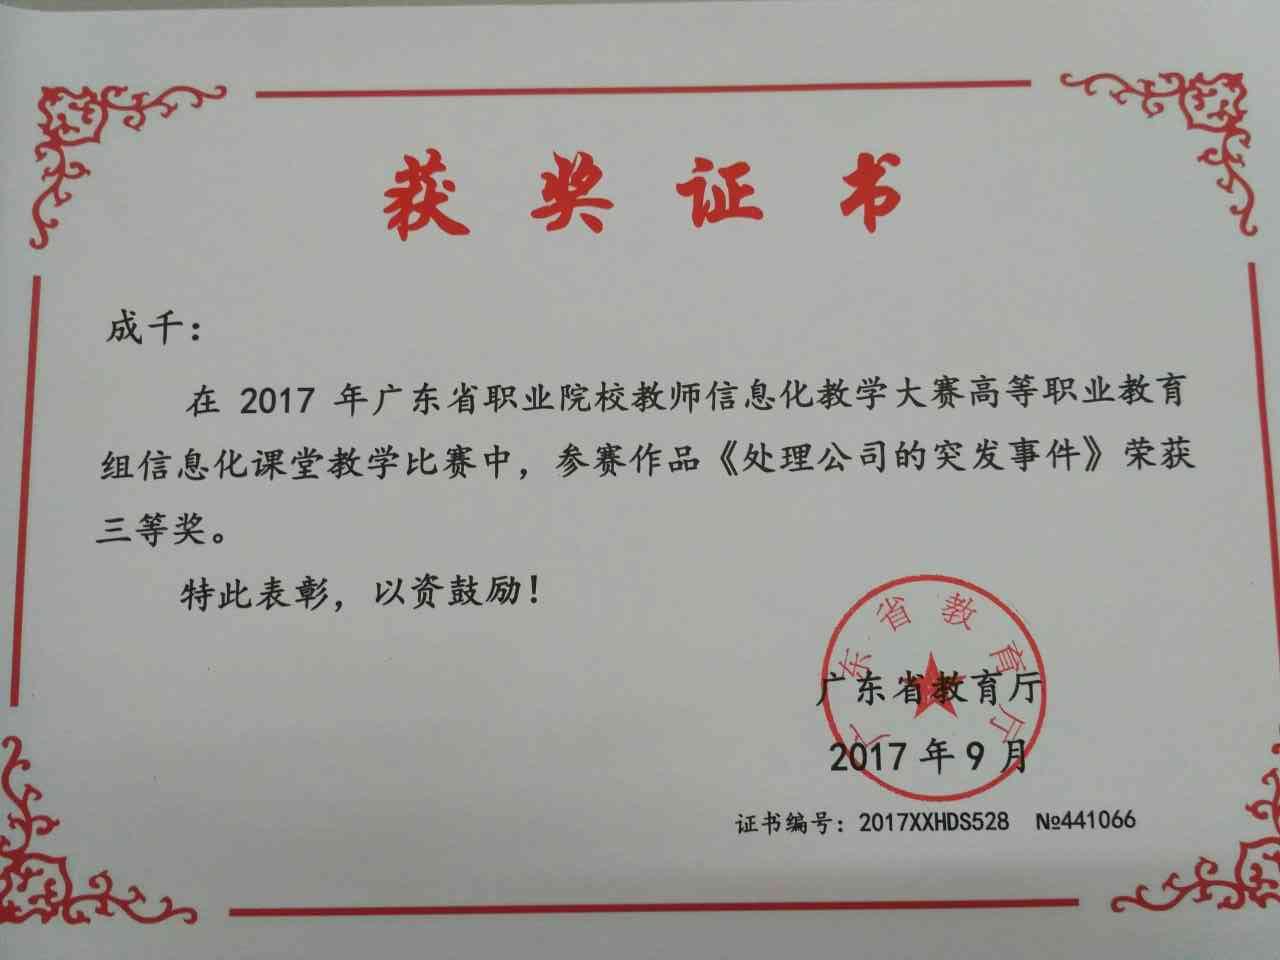 我部成千老师获得2017年广东省高职院校信